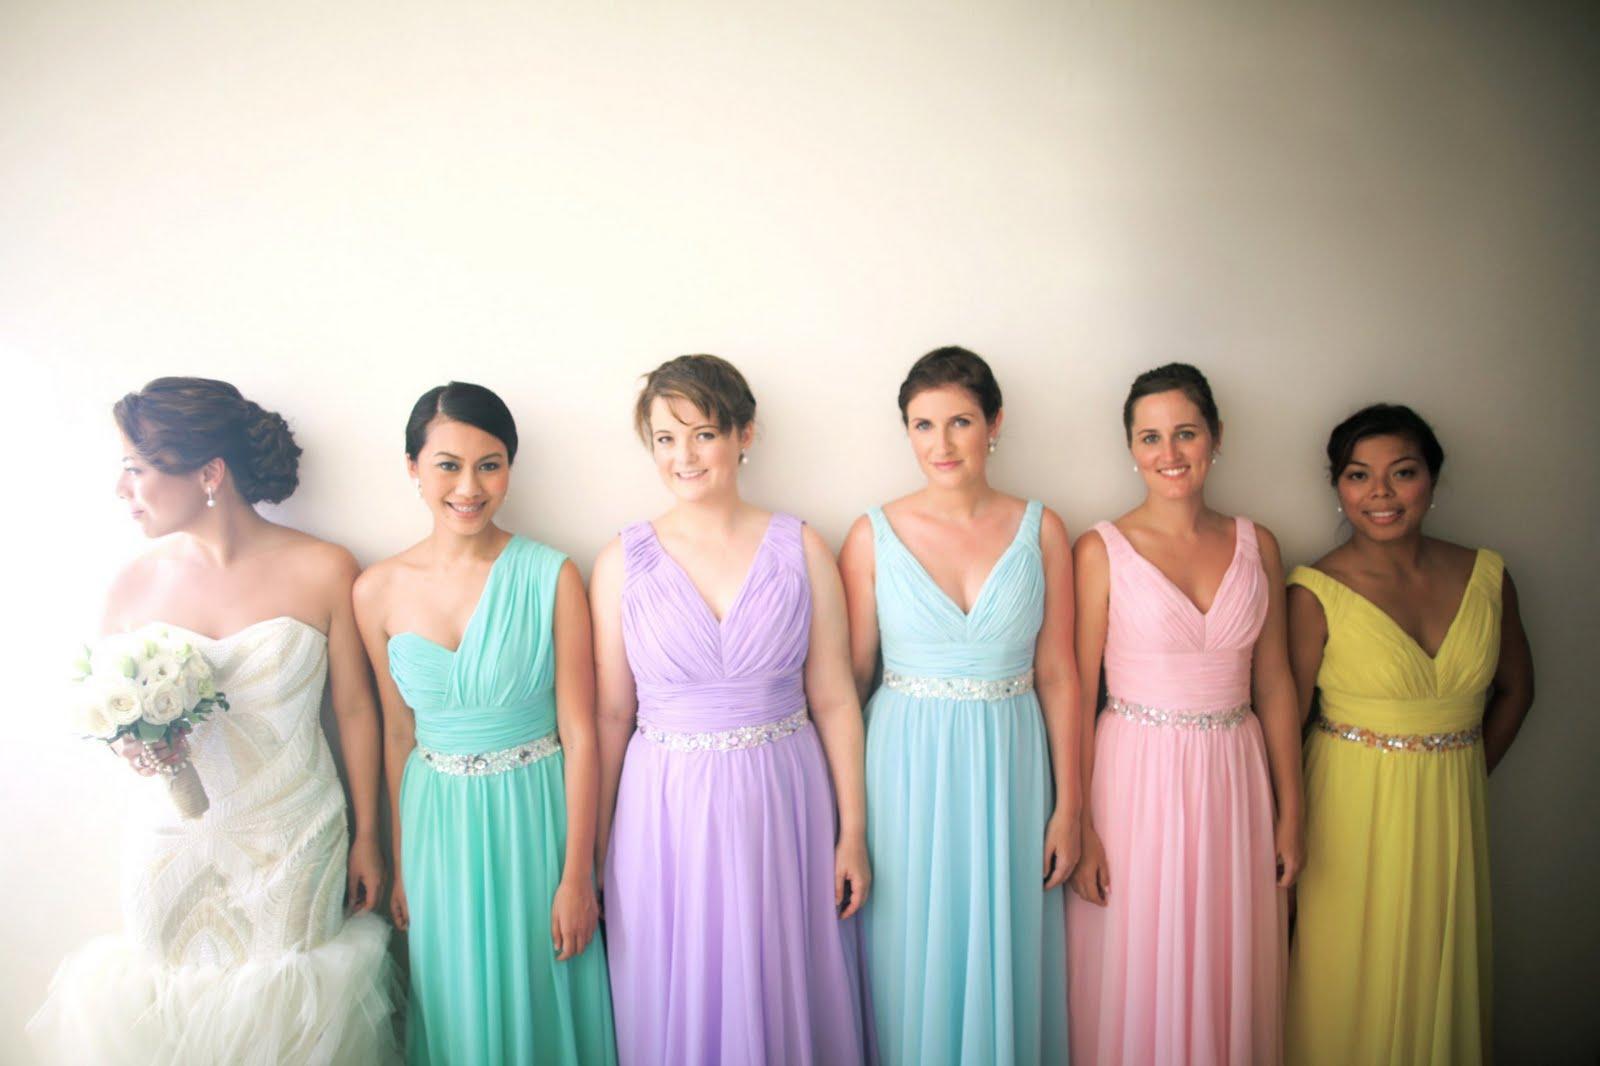 Rebellious Bunch - Veejay Floresca ~ The Rebellious Brides